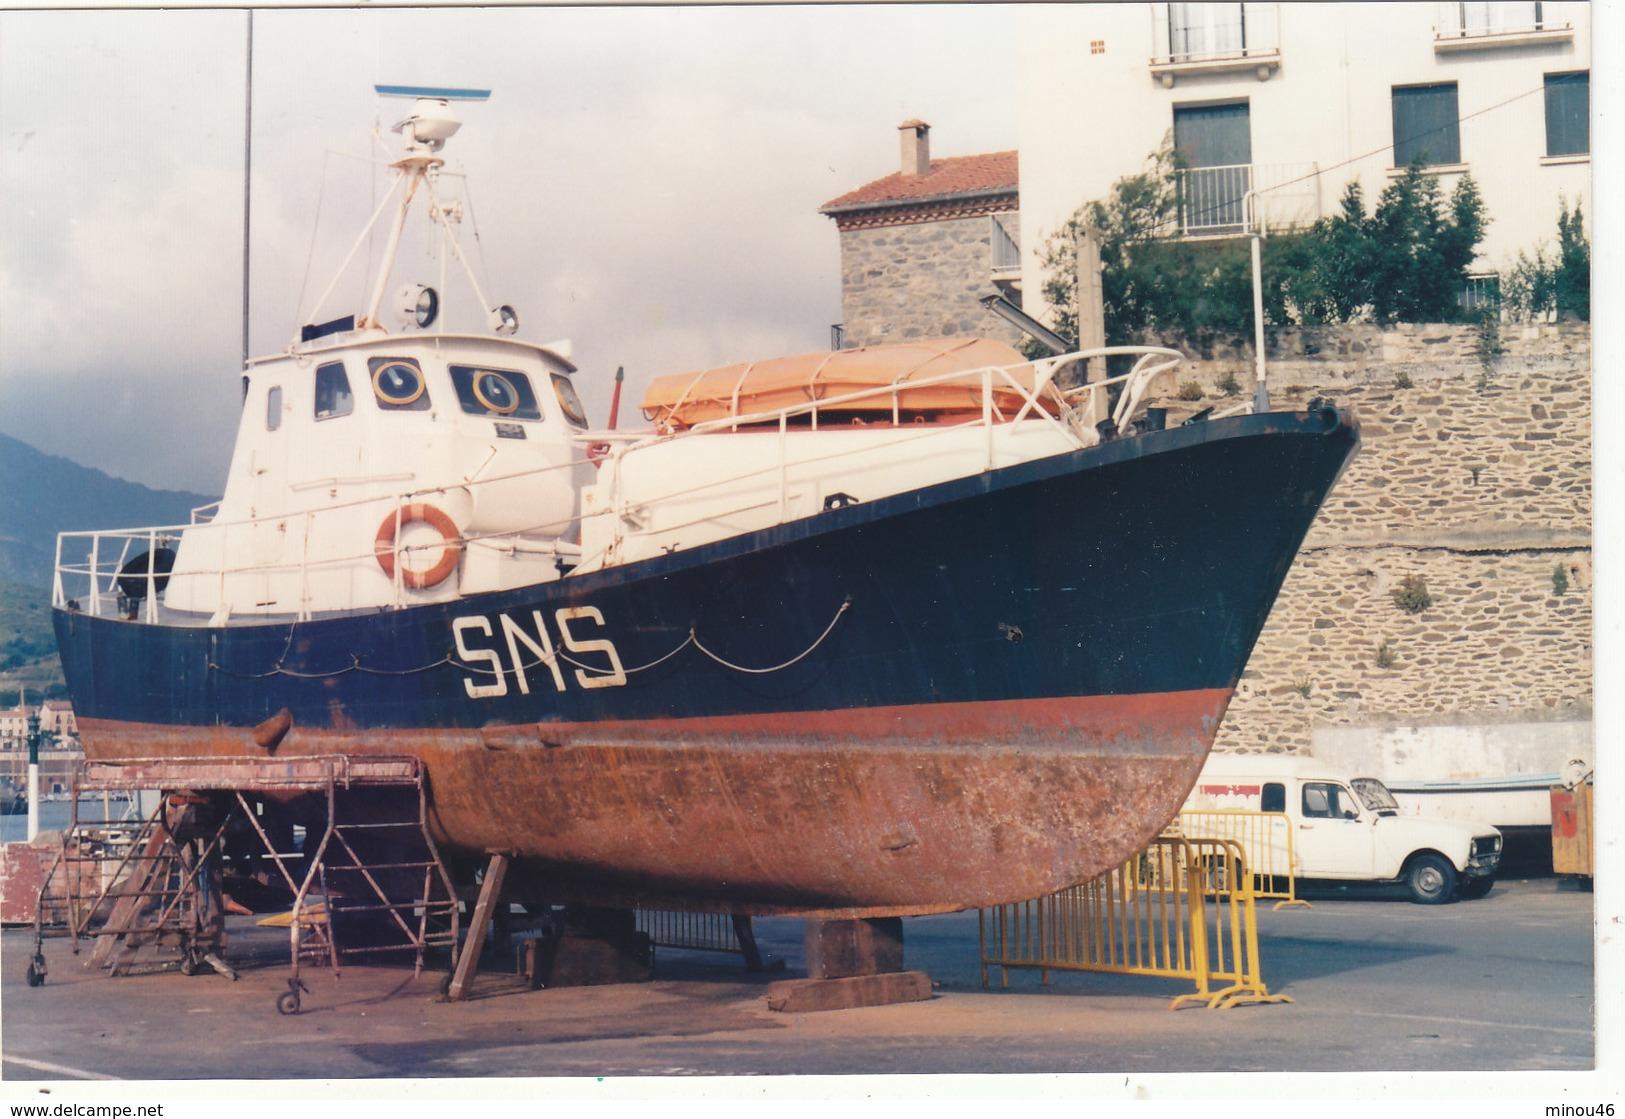 """PHOTO 14.3./9.5.CMS CANOT DE LA SNSM """" JOANNES NOEMI """" 07/1988 .A PORT VENDRES.T.B.ETAT .A SAISIR .PETIT PRIX. - Boats"""